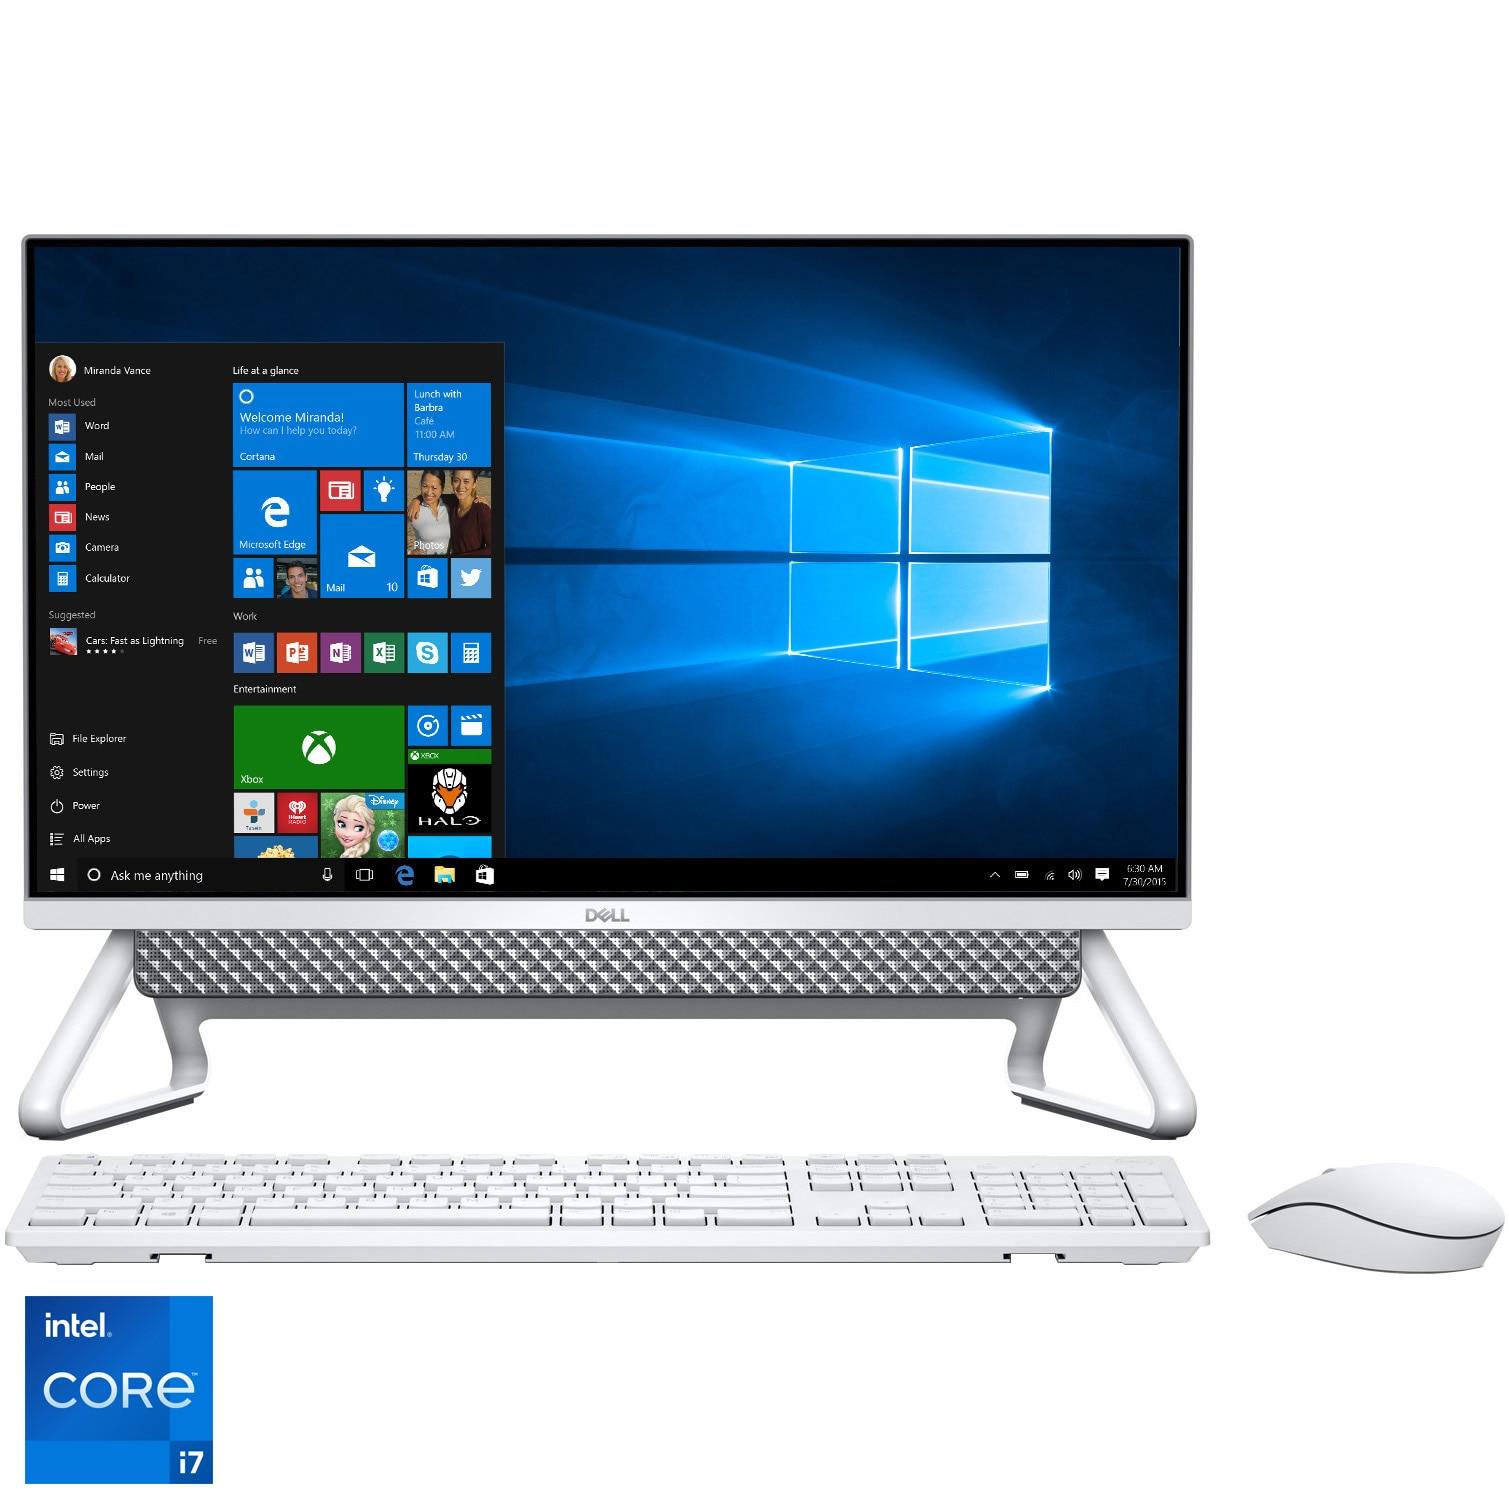 """Fotografie Sistem All-In-One Dell Inspiron 5400 cu procesor Intel® Core™ i7-1165G7 pana la 4.70 GHz, Tiger Lake, 23.8"""", Full HD, 16GB DDR4, 1TB HDD + 256GB SSD, NVIDIA GeForce MX330 2GB GDDR5, Windows 10 Pro"""